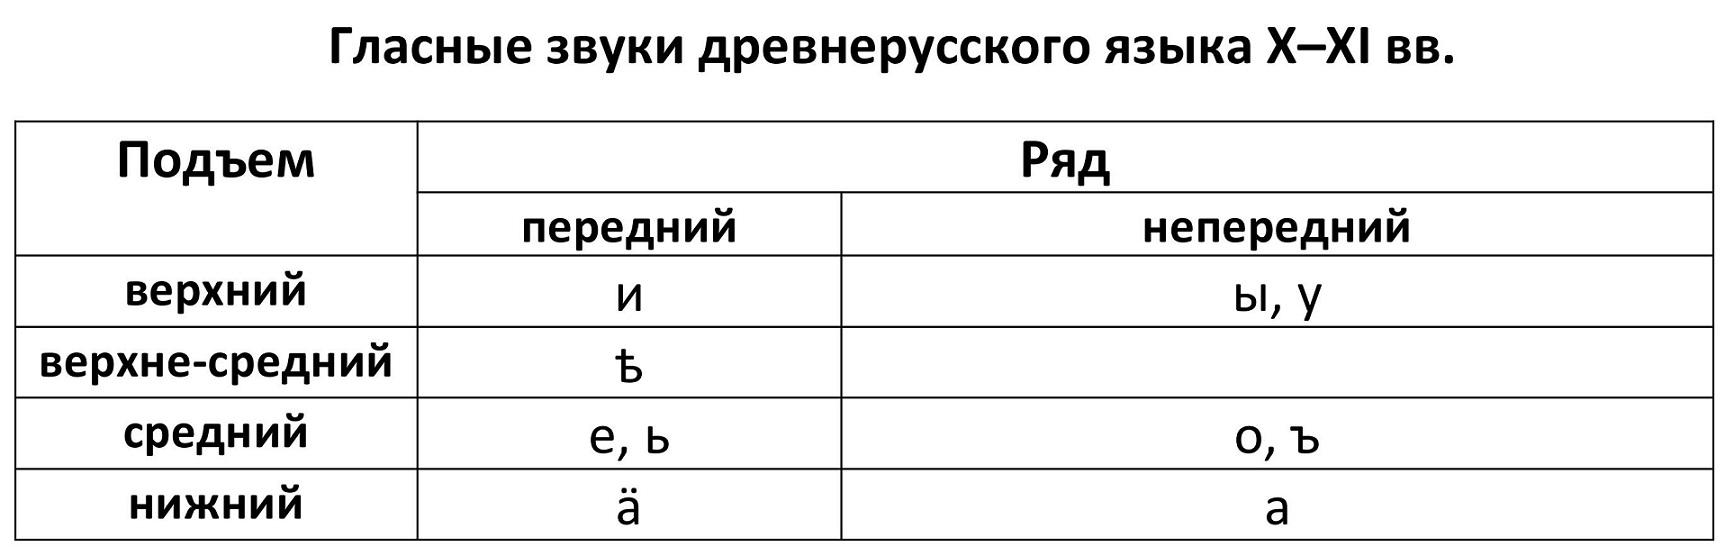 Гласные звуки древнерусского языка